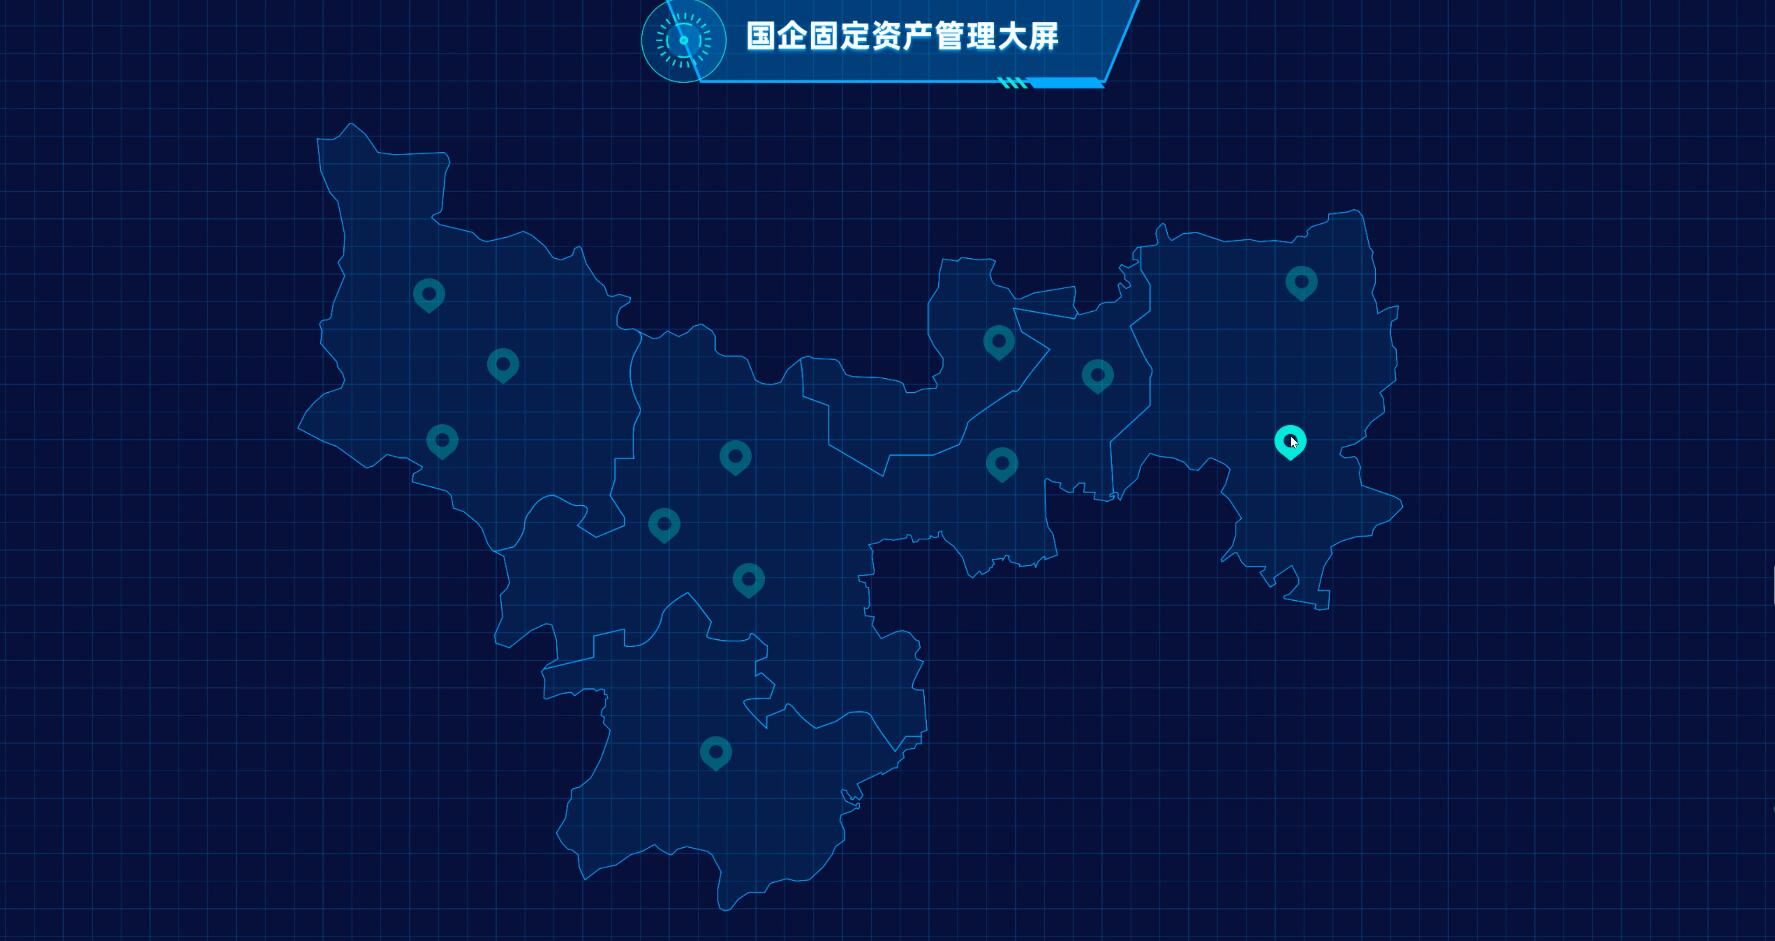 余杭区——资产管理平台